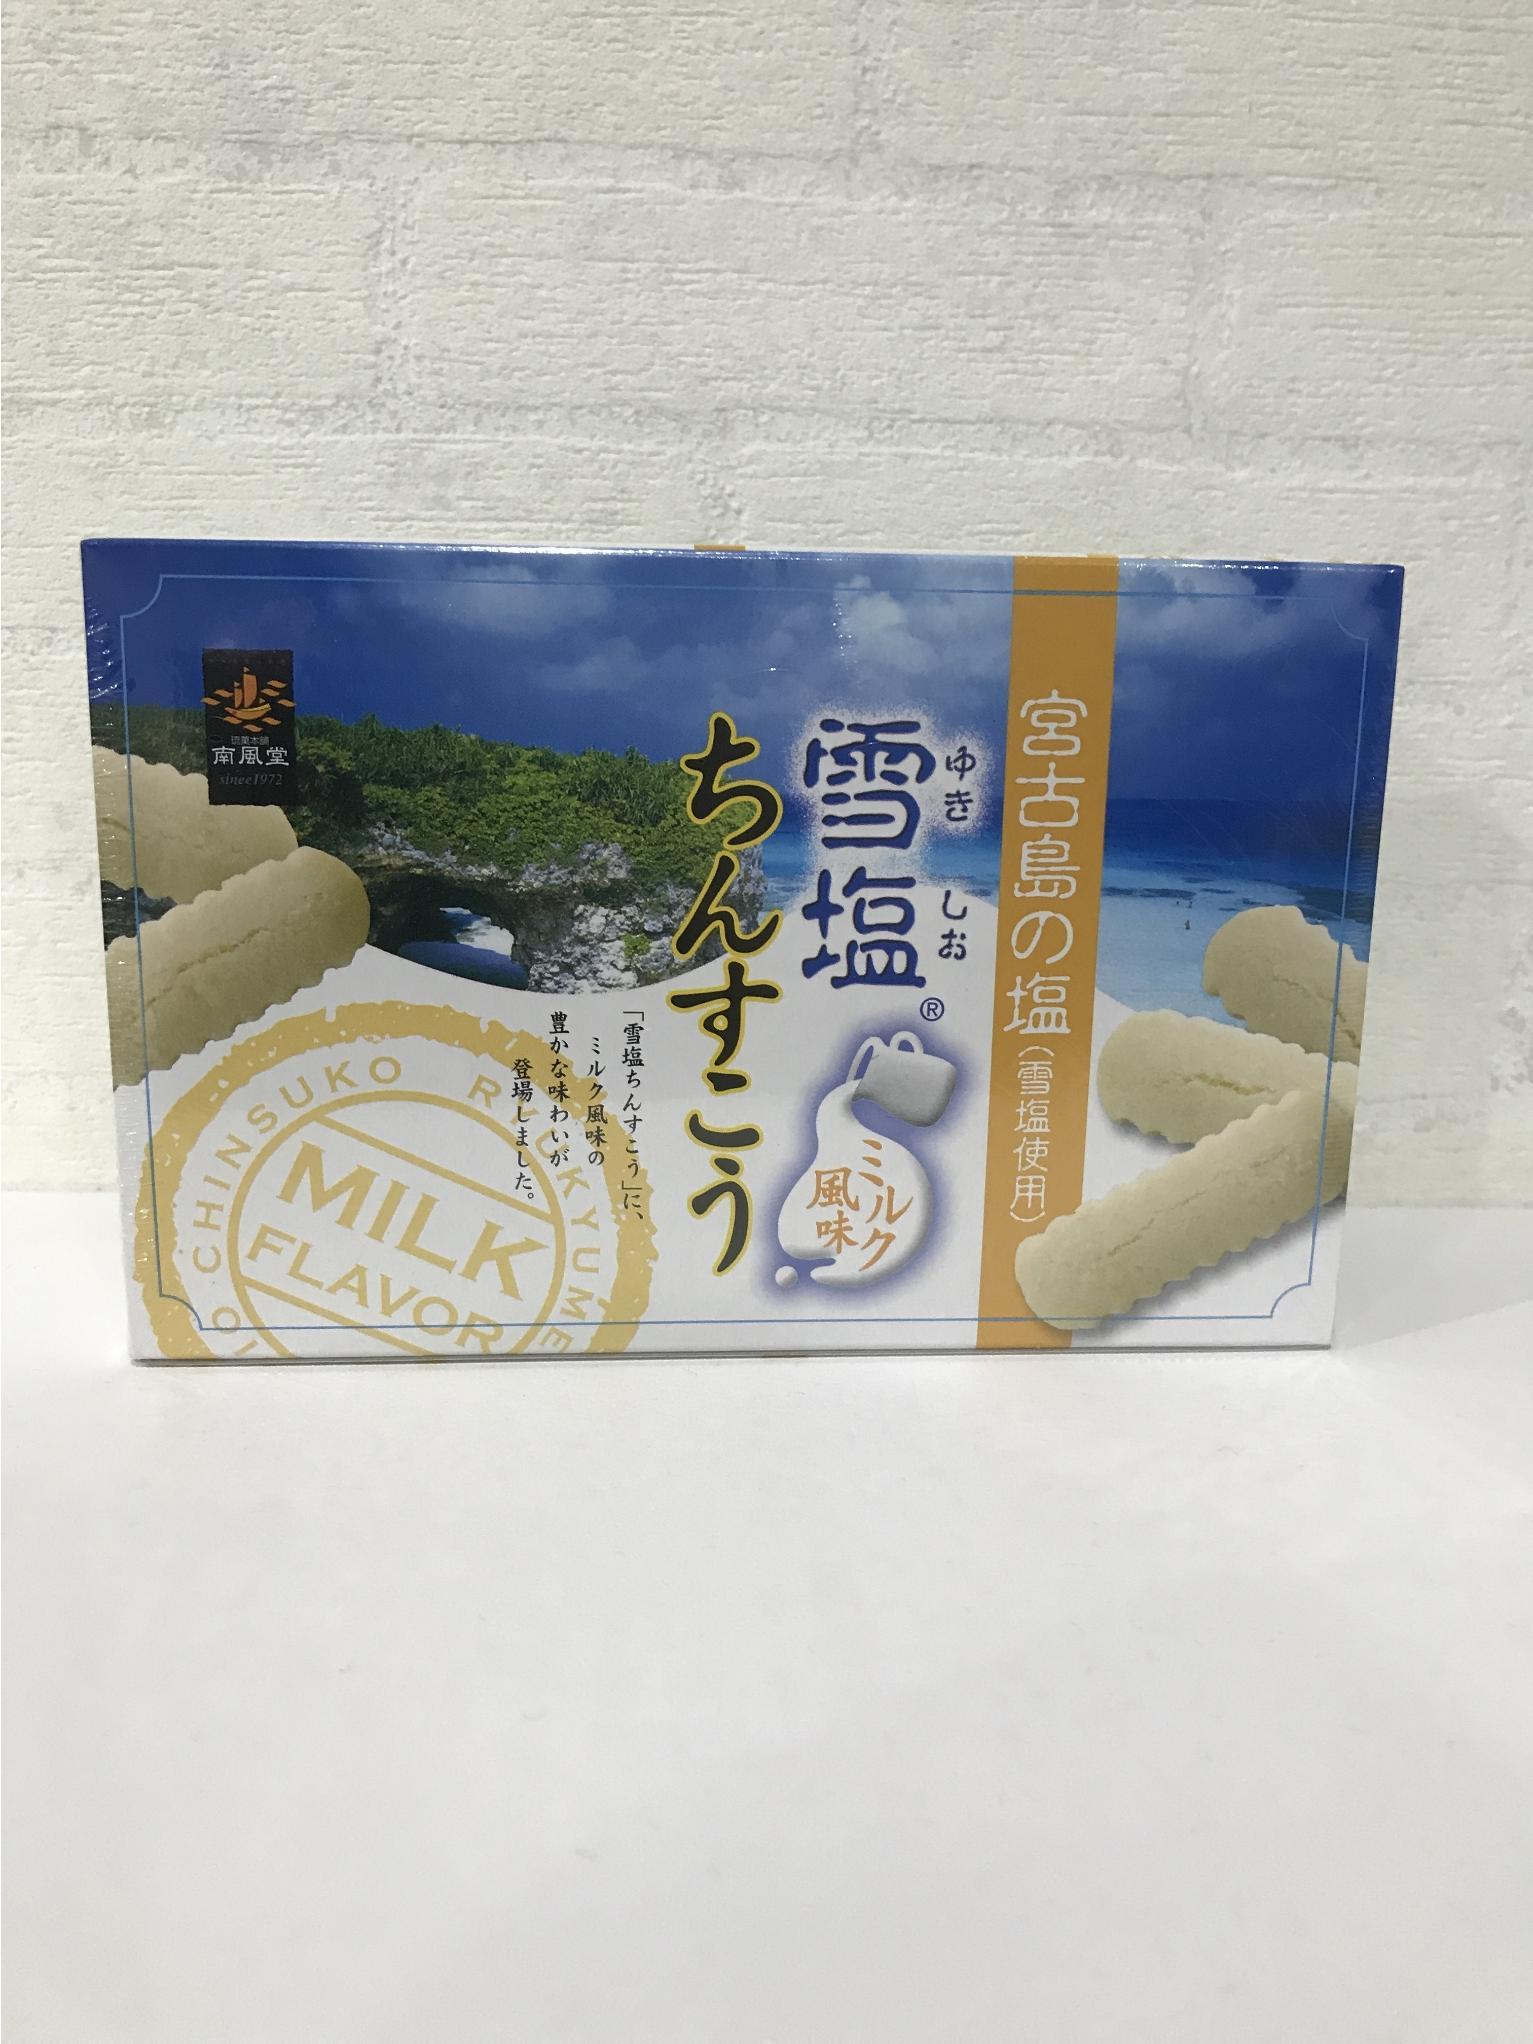 患者様からのお土産(沖縄)